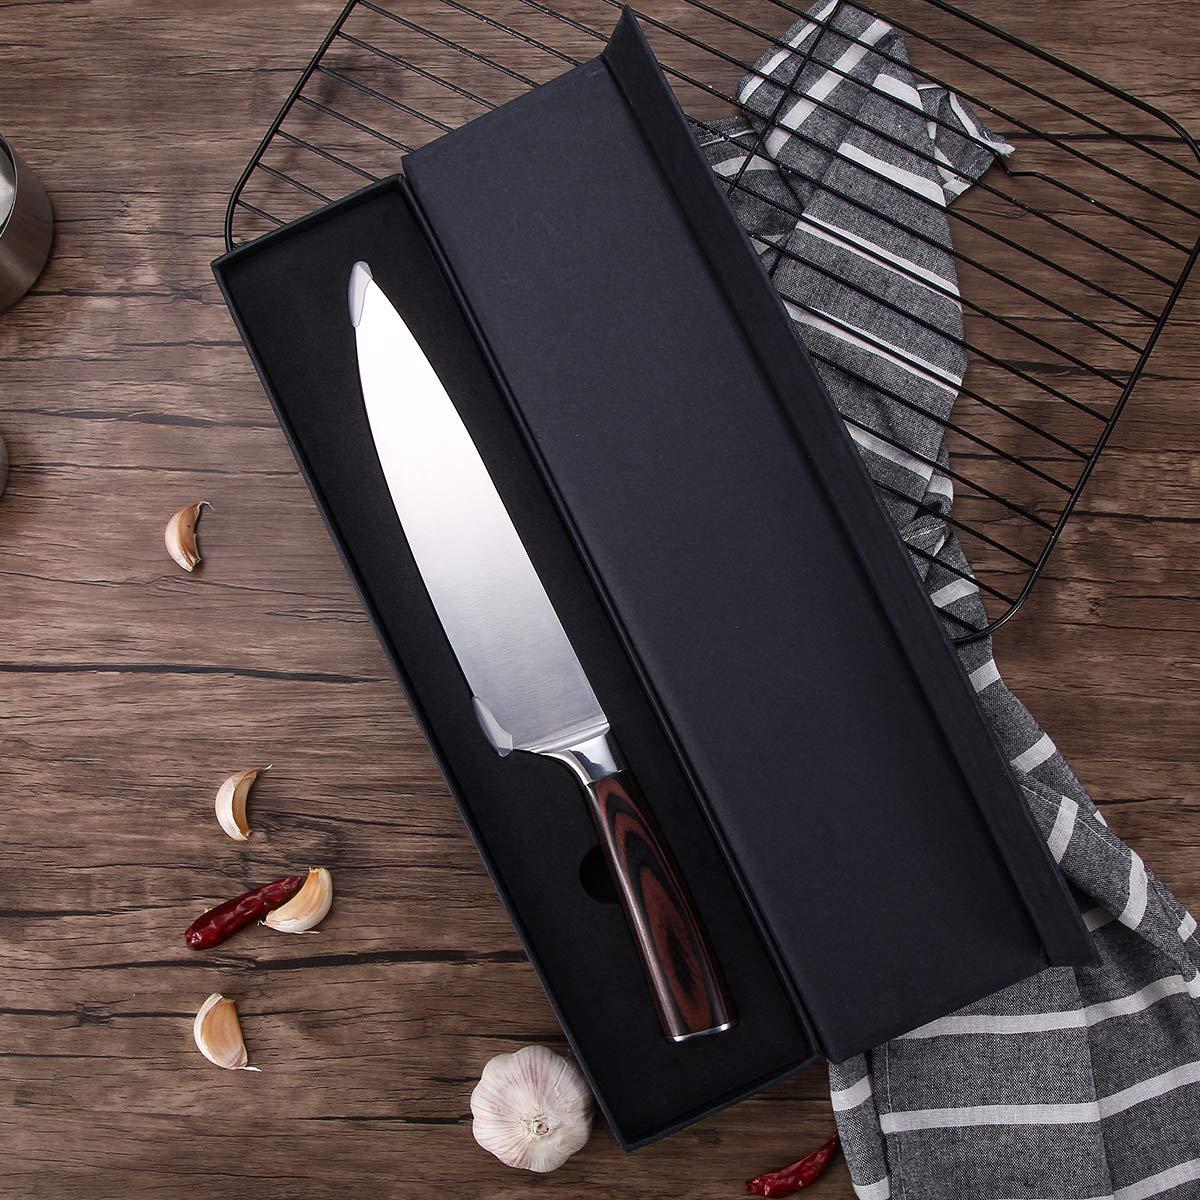 Kochmesser 20cm, CUSIBOX Küchenmesser aus rasiermesserscharfem Hartstahl, Profi Chefmesser, Scharfe Fleischmesser, Allzweckmesser mit Ergonomischer Holz-Griff